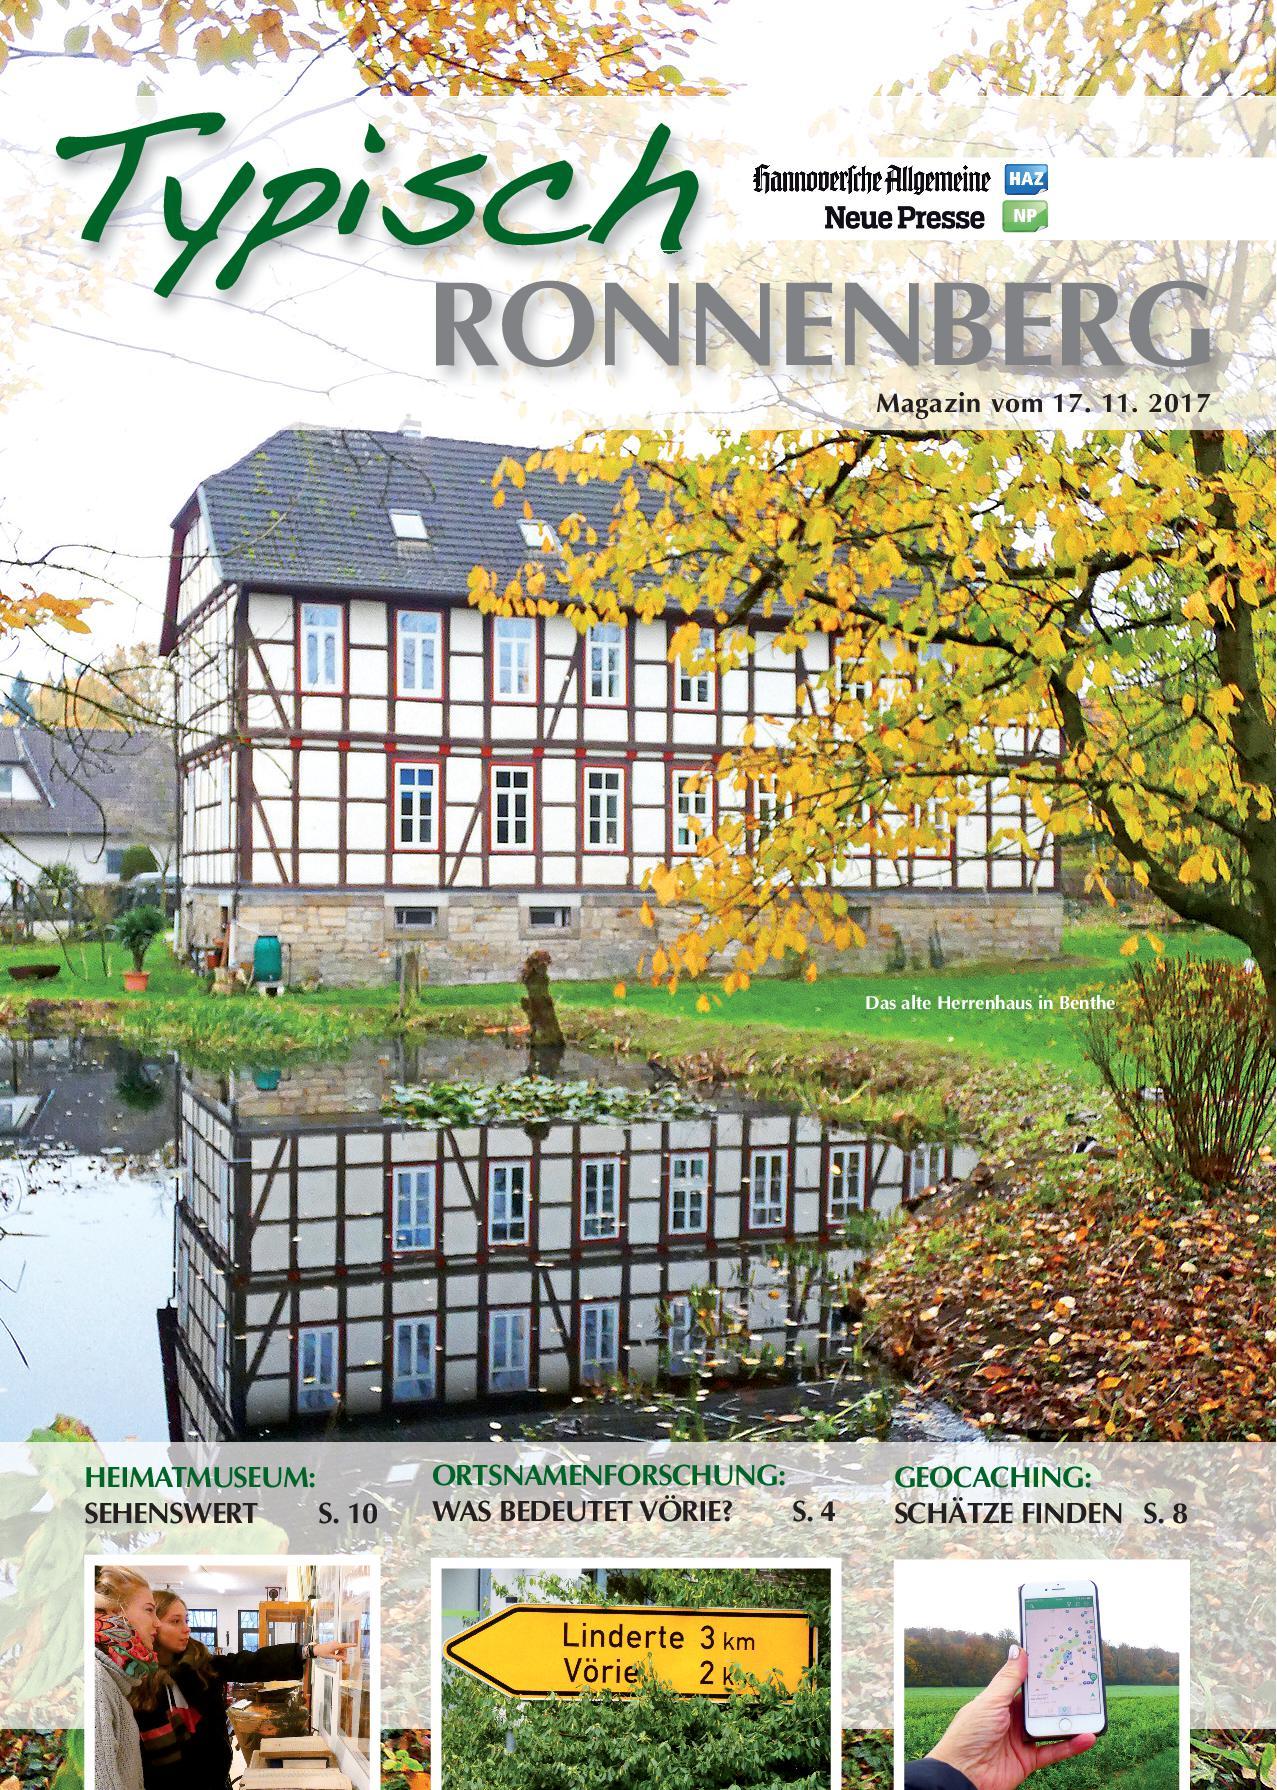 typisch-ronnenberg-vom-17-11-2017